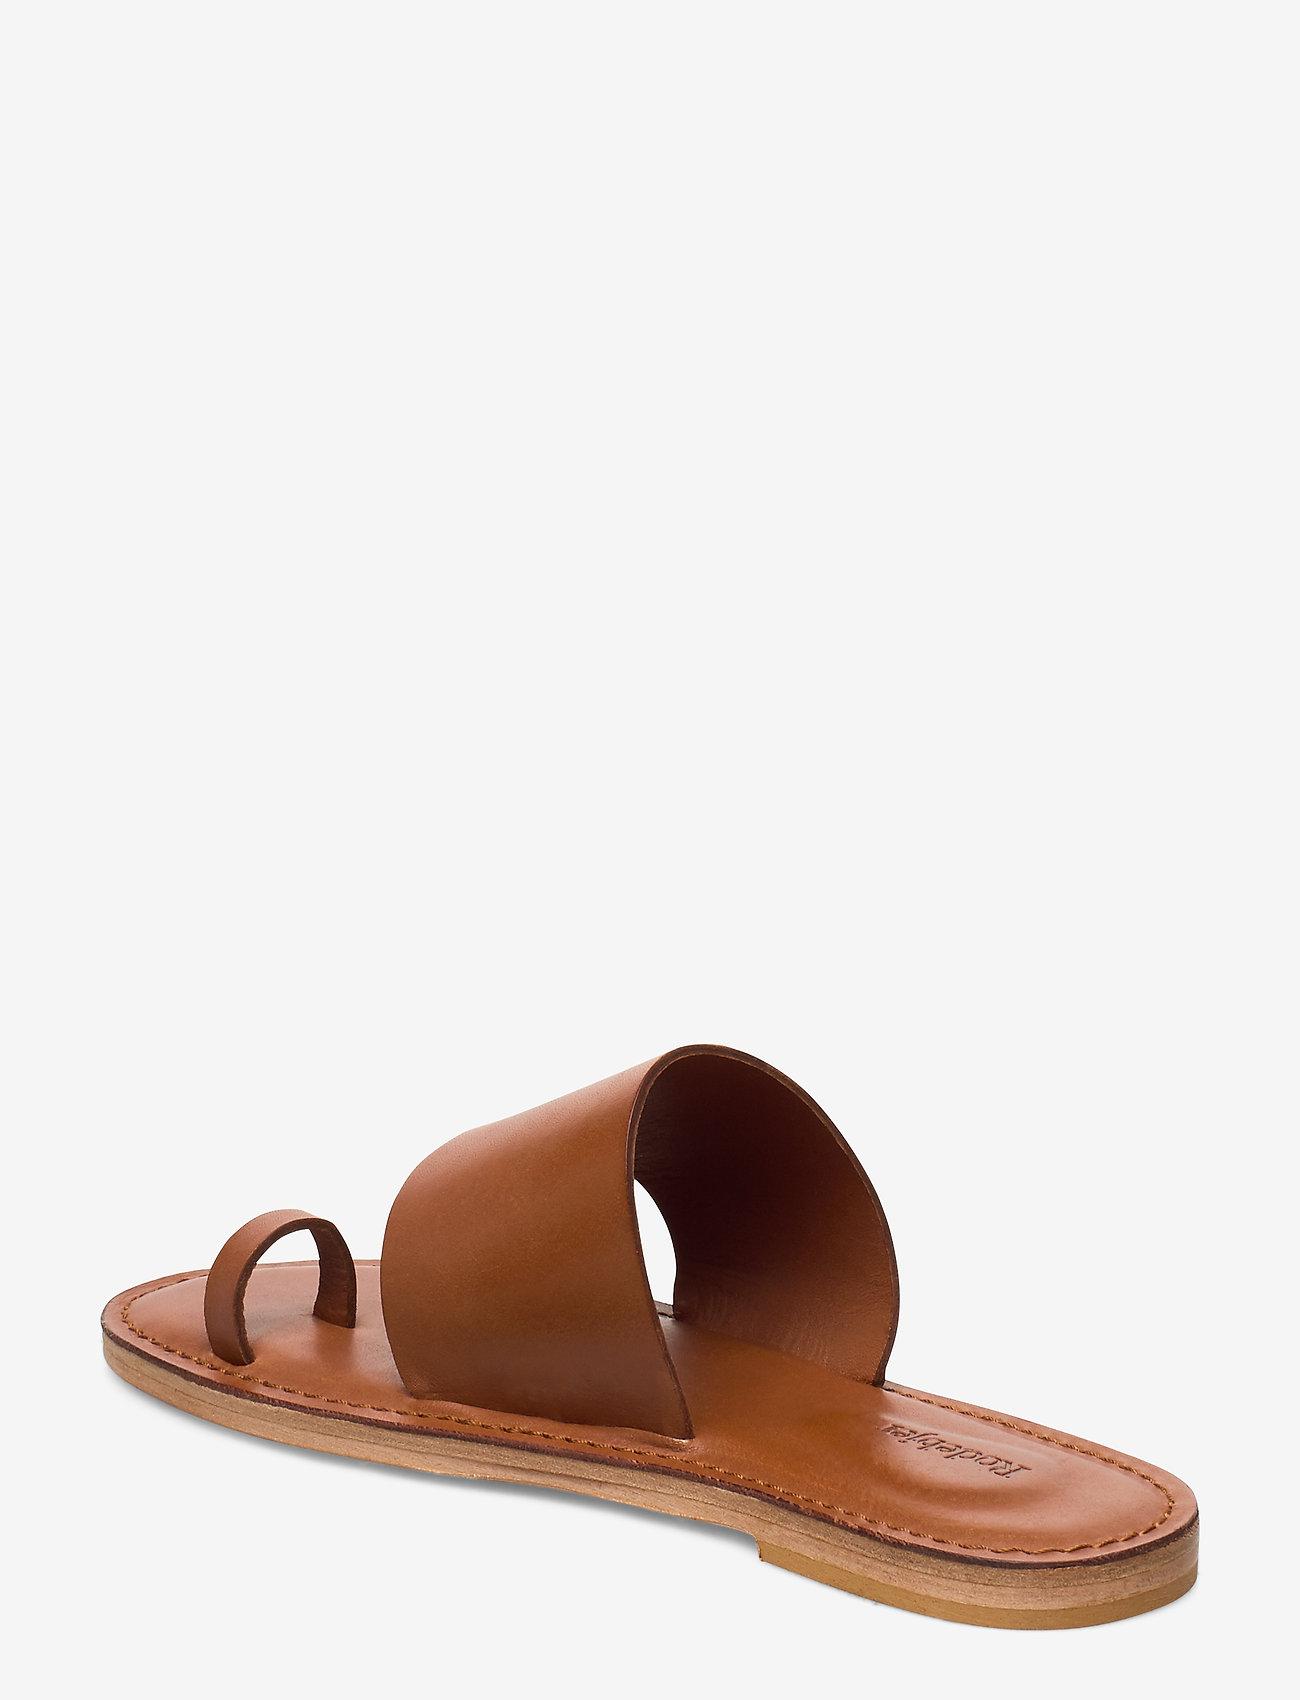 RODEBJER - RODEBJER KATE - flade sandaler - hazel - 2